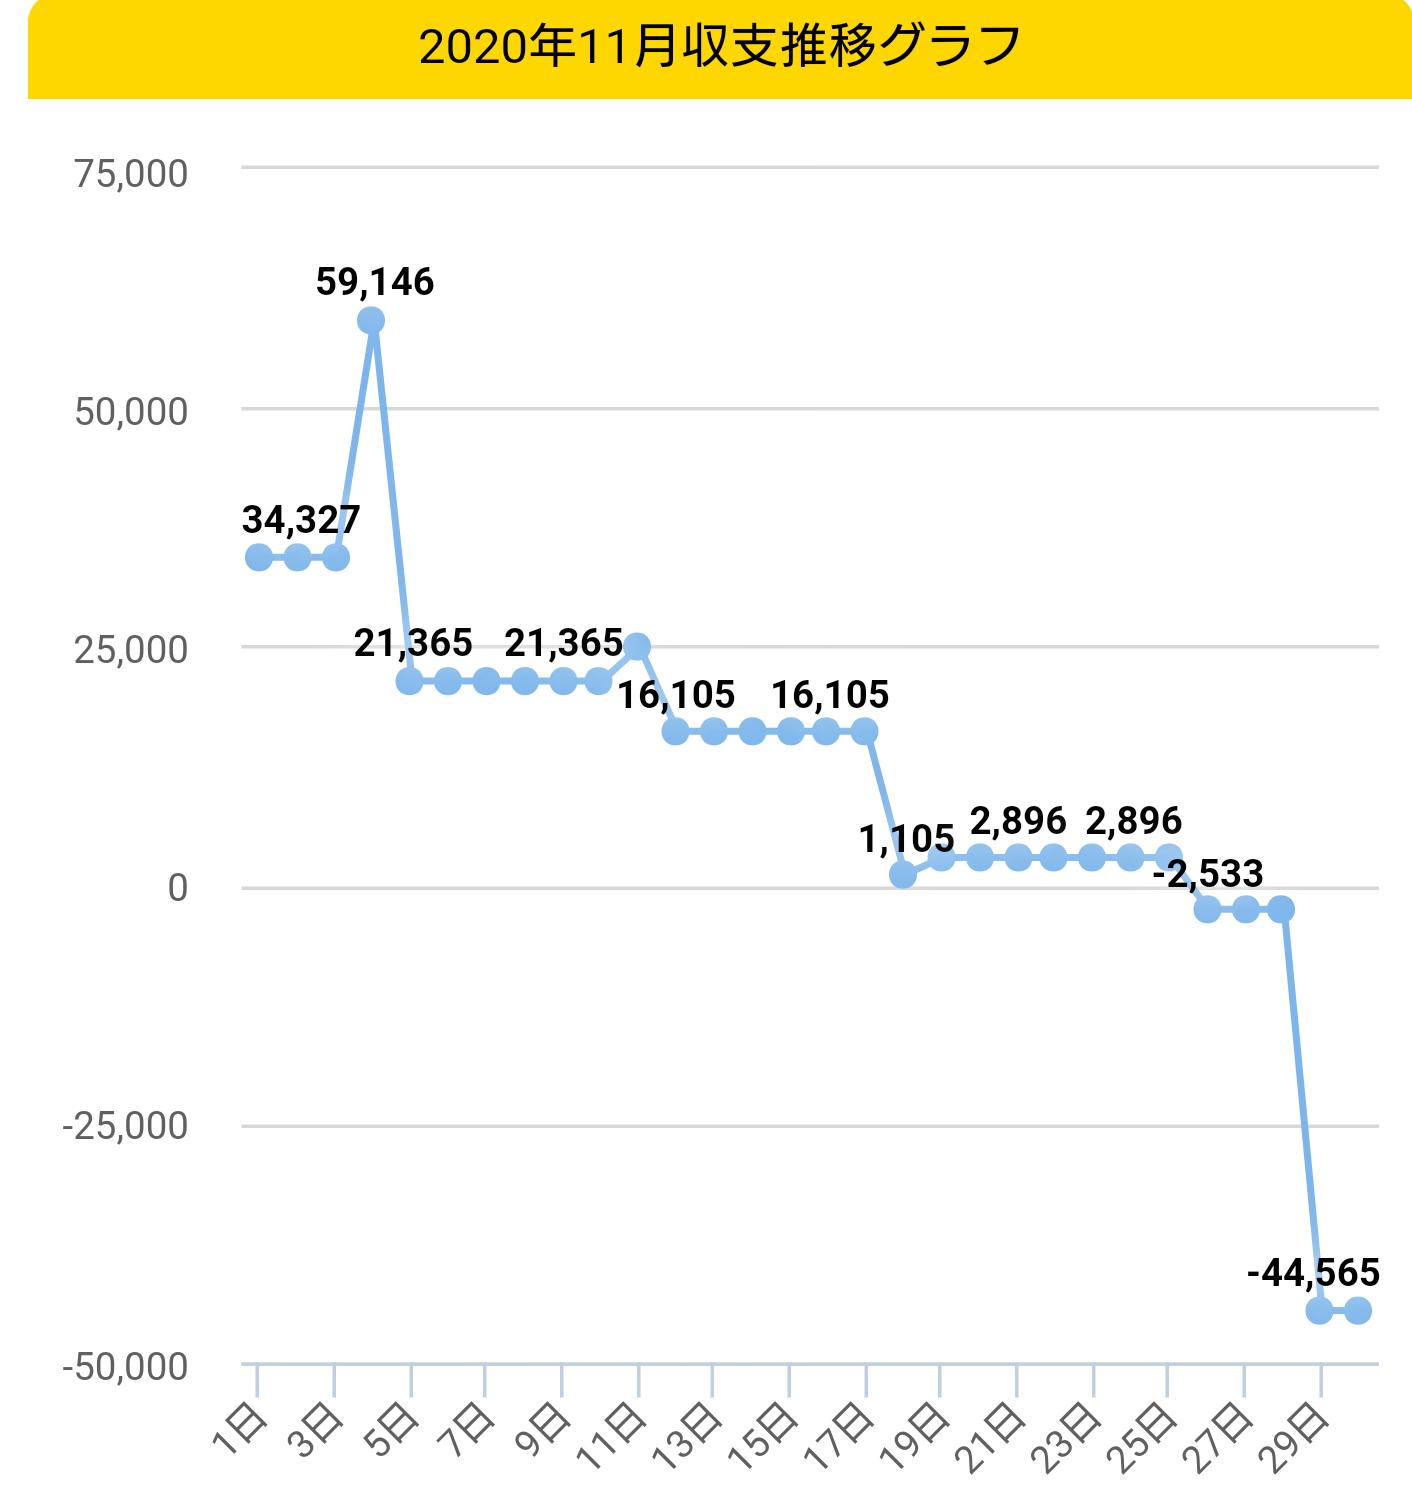 2020年11月収支グラフ